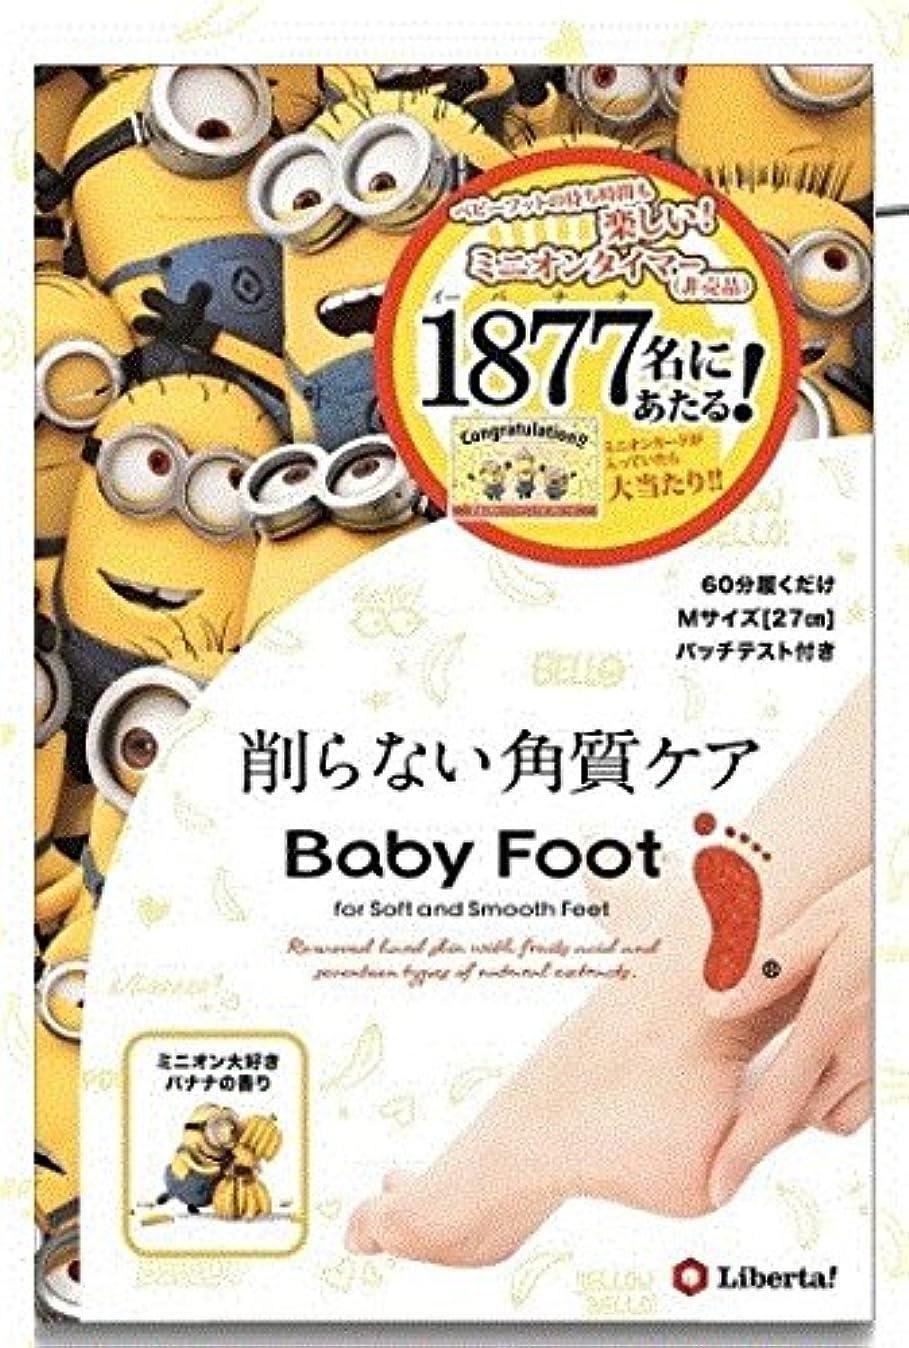 挨拶半円立法ベビーフット60分タイプ ミニオン パッケージ(Mサイズ/?27cm)